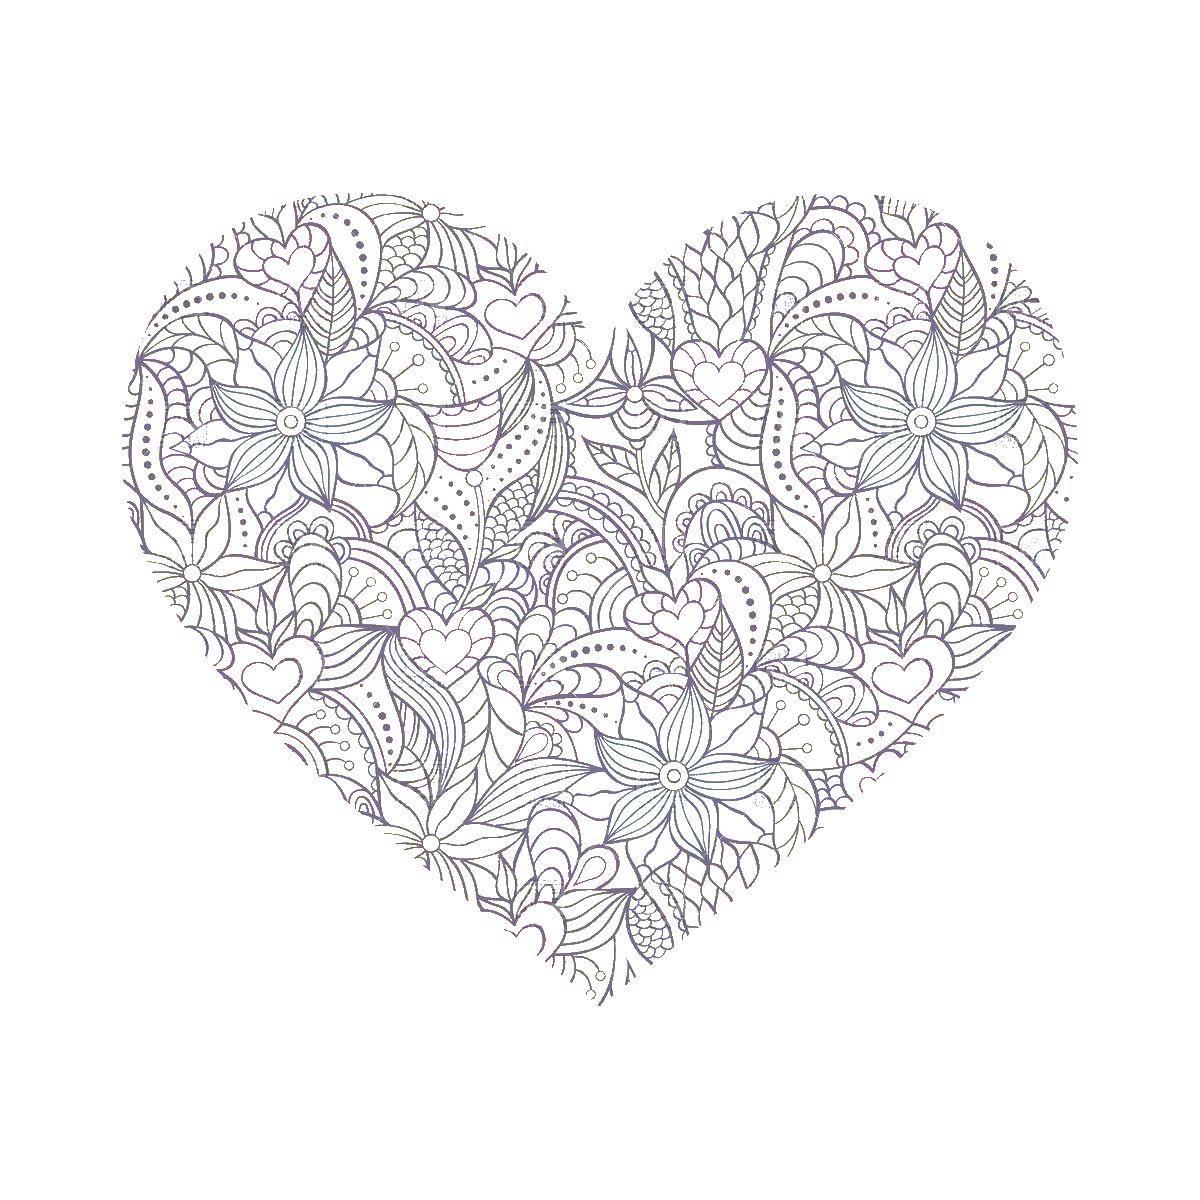 Раскраски Раскраска Цветочное сердце Антистресс, Раскраски ...